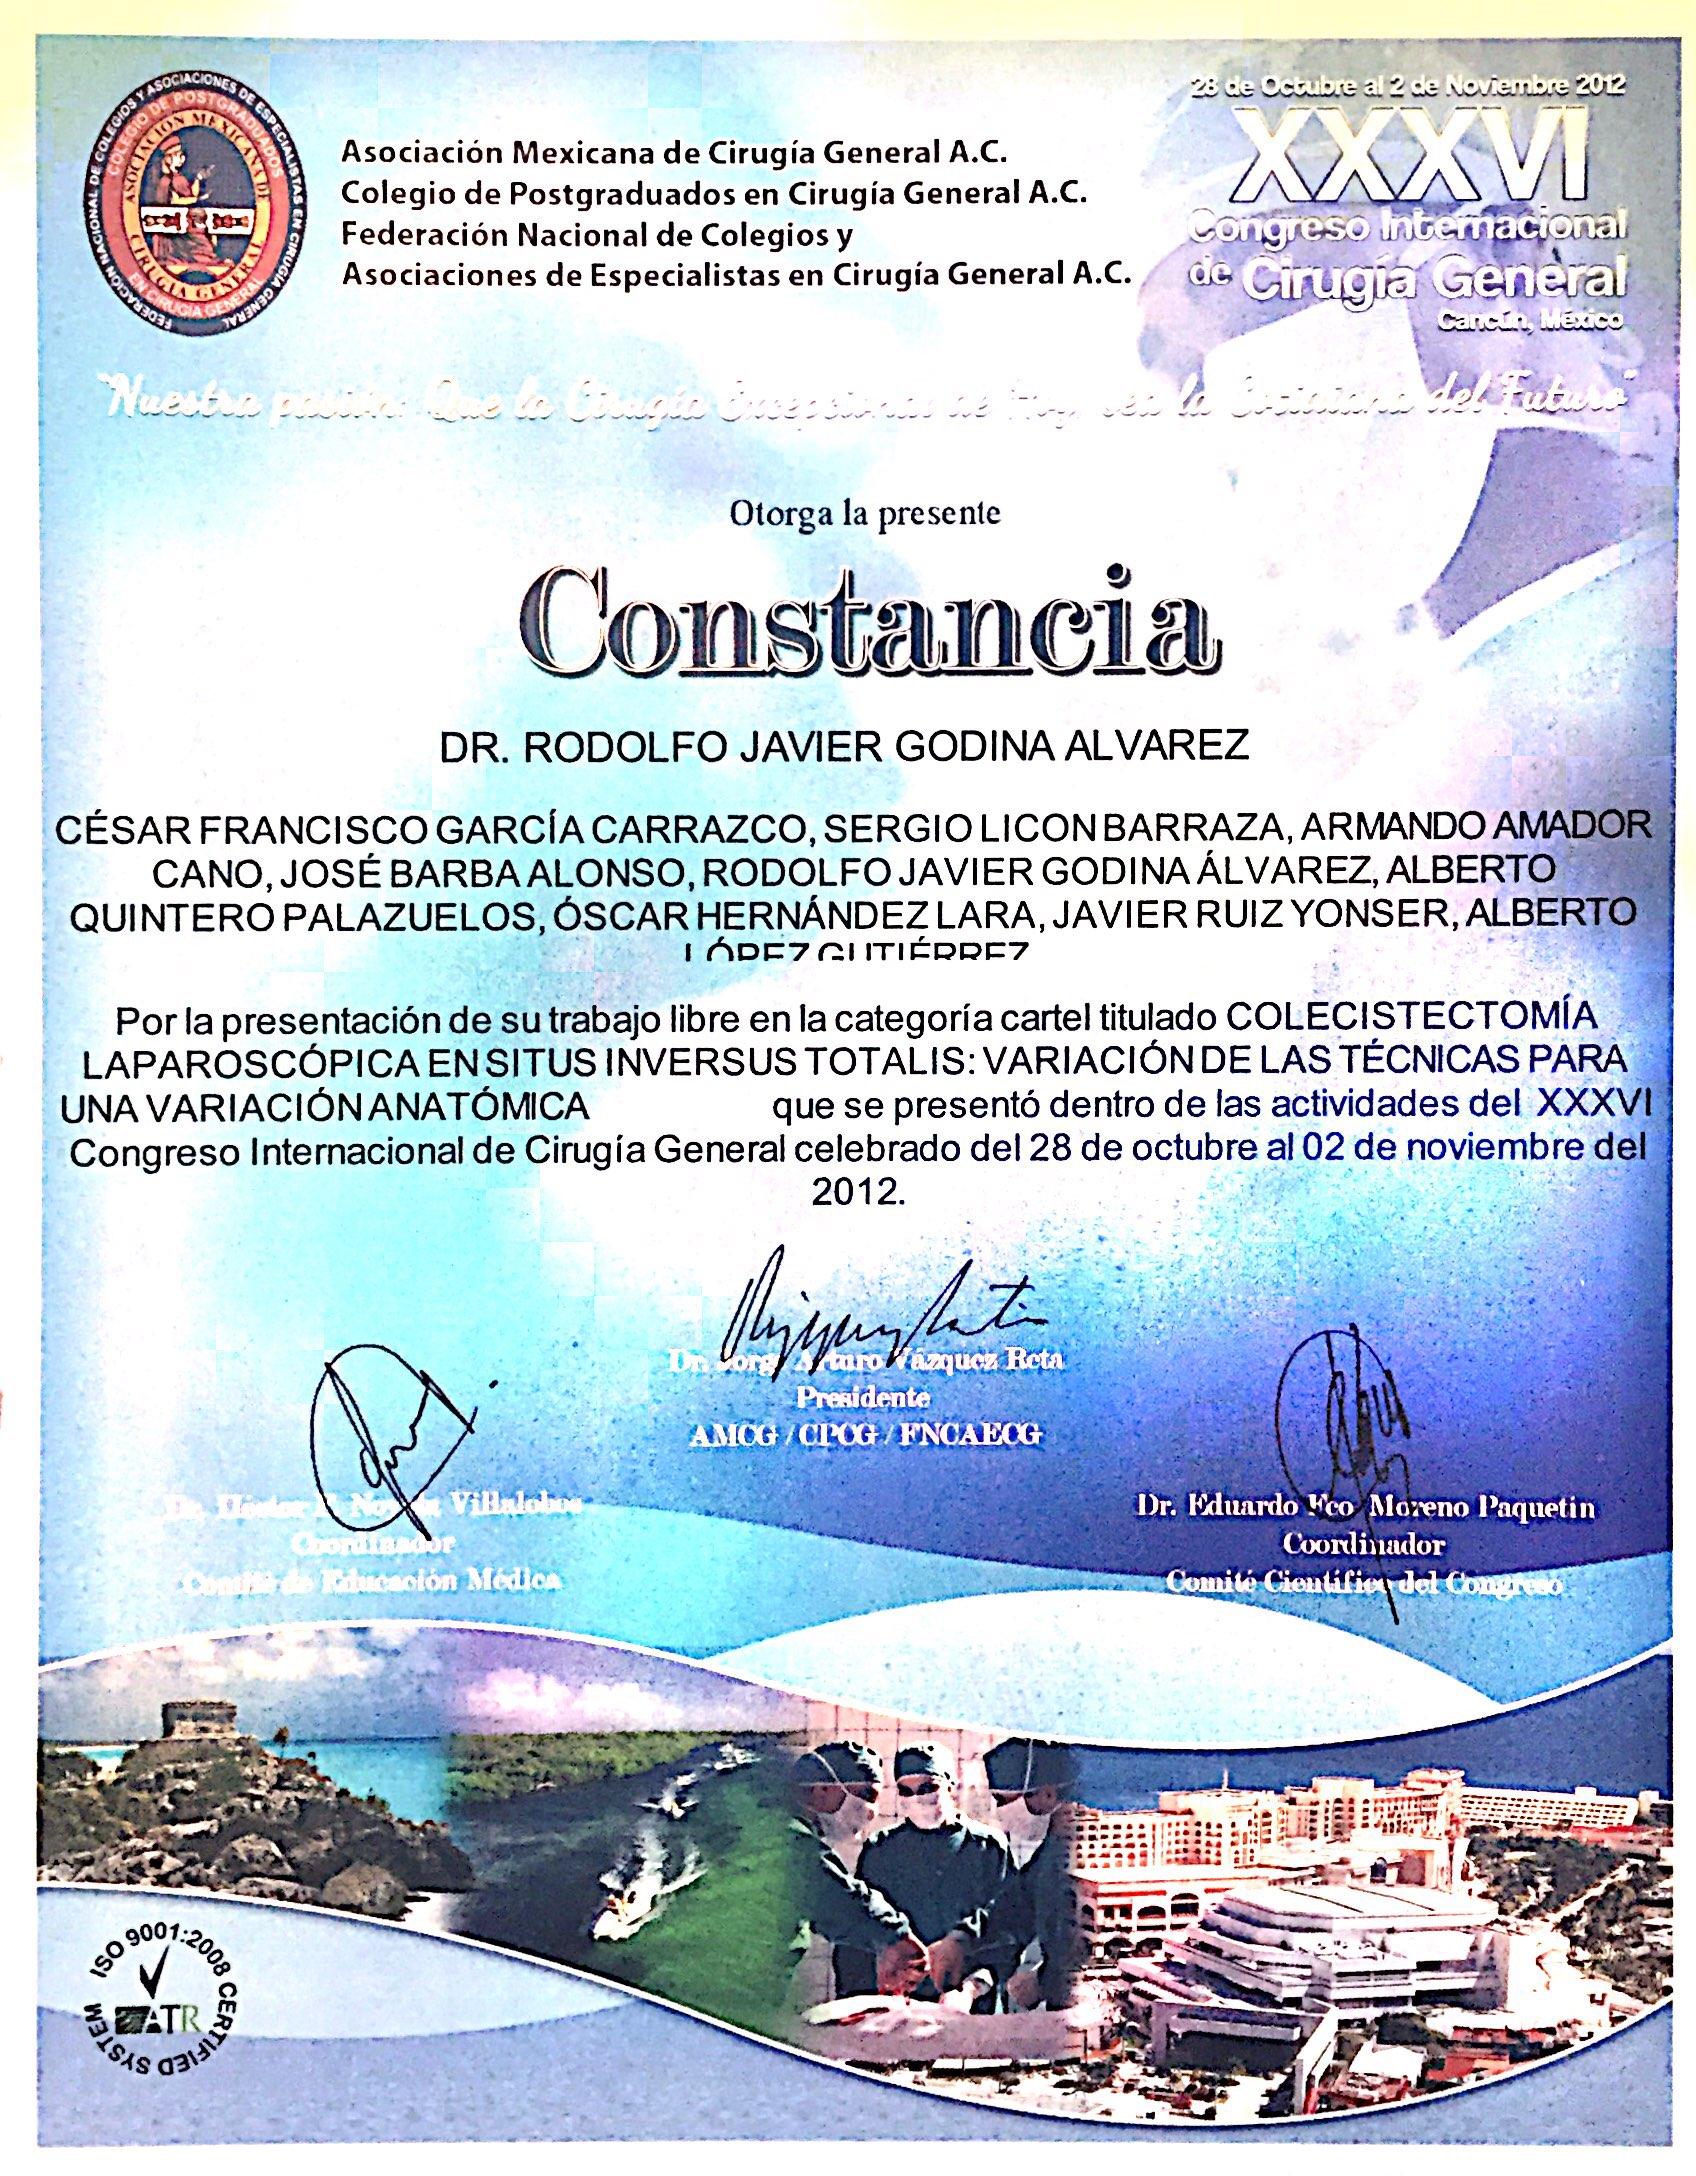 Dr. Garcia Carrazco_29